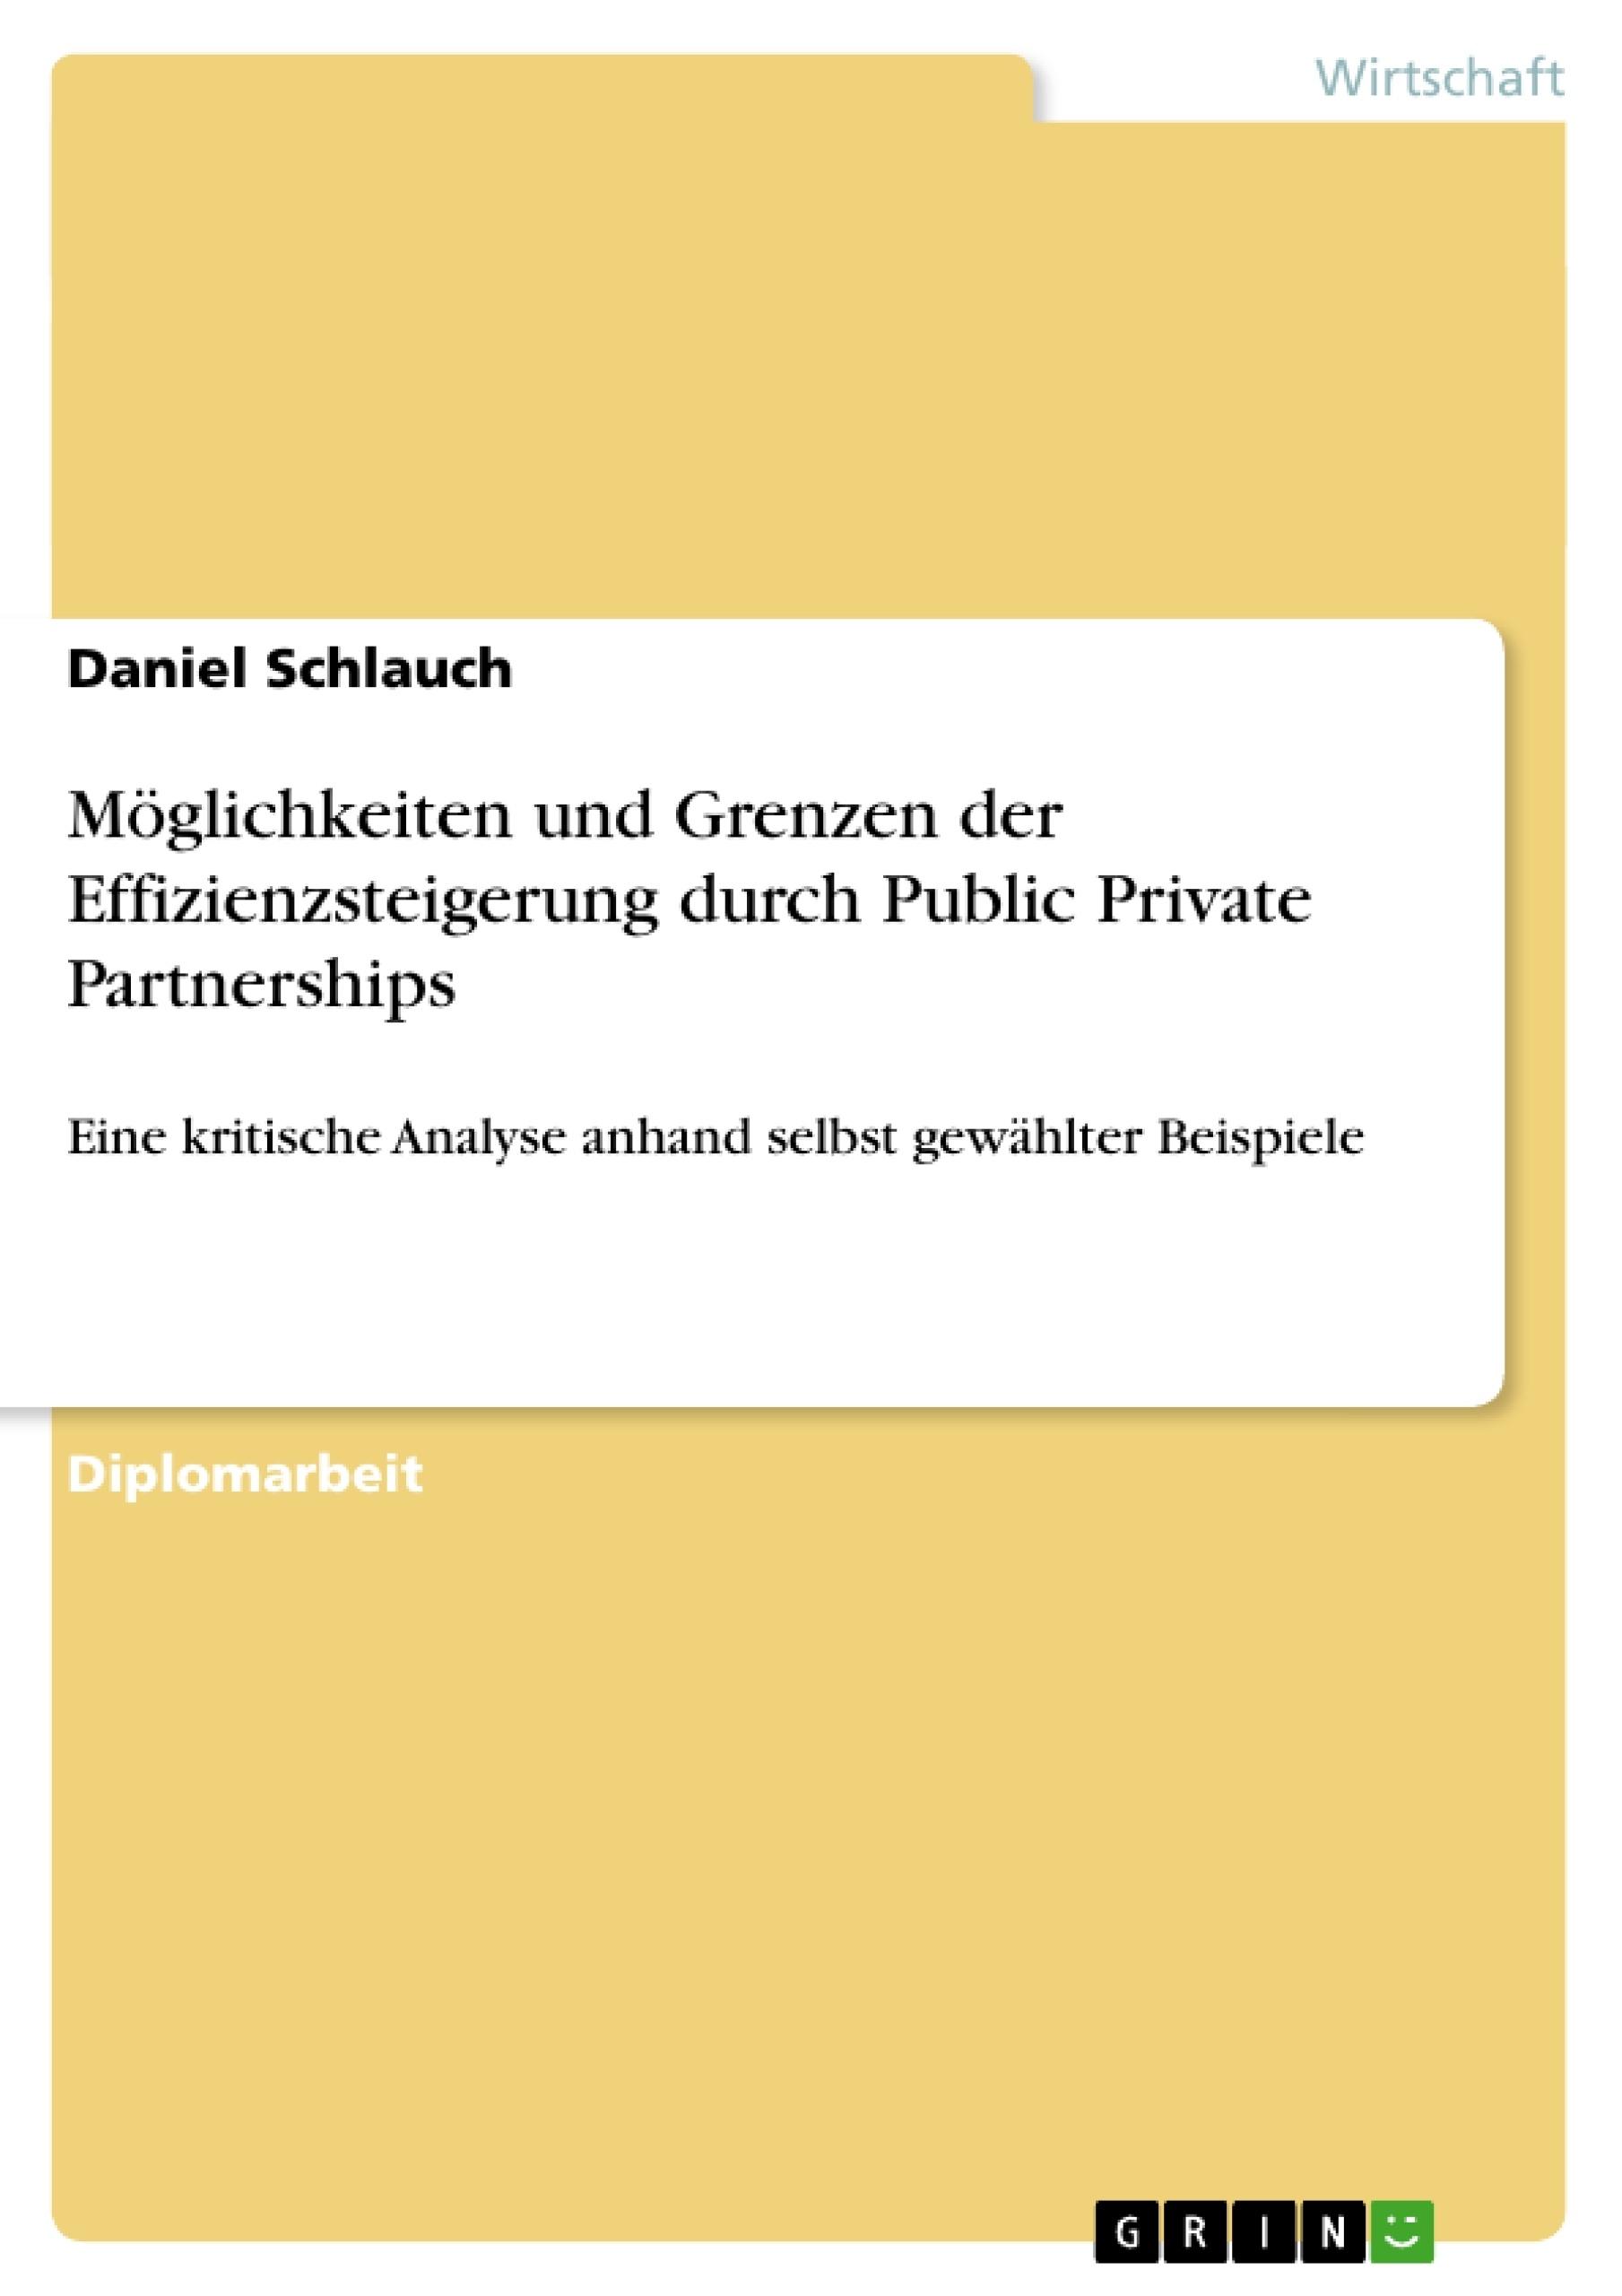 Titel: Möglichkeiten und Grenzen der Effizienzsteigerung durch Public Private Partnerships